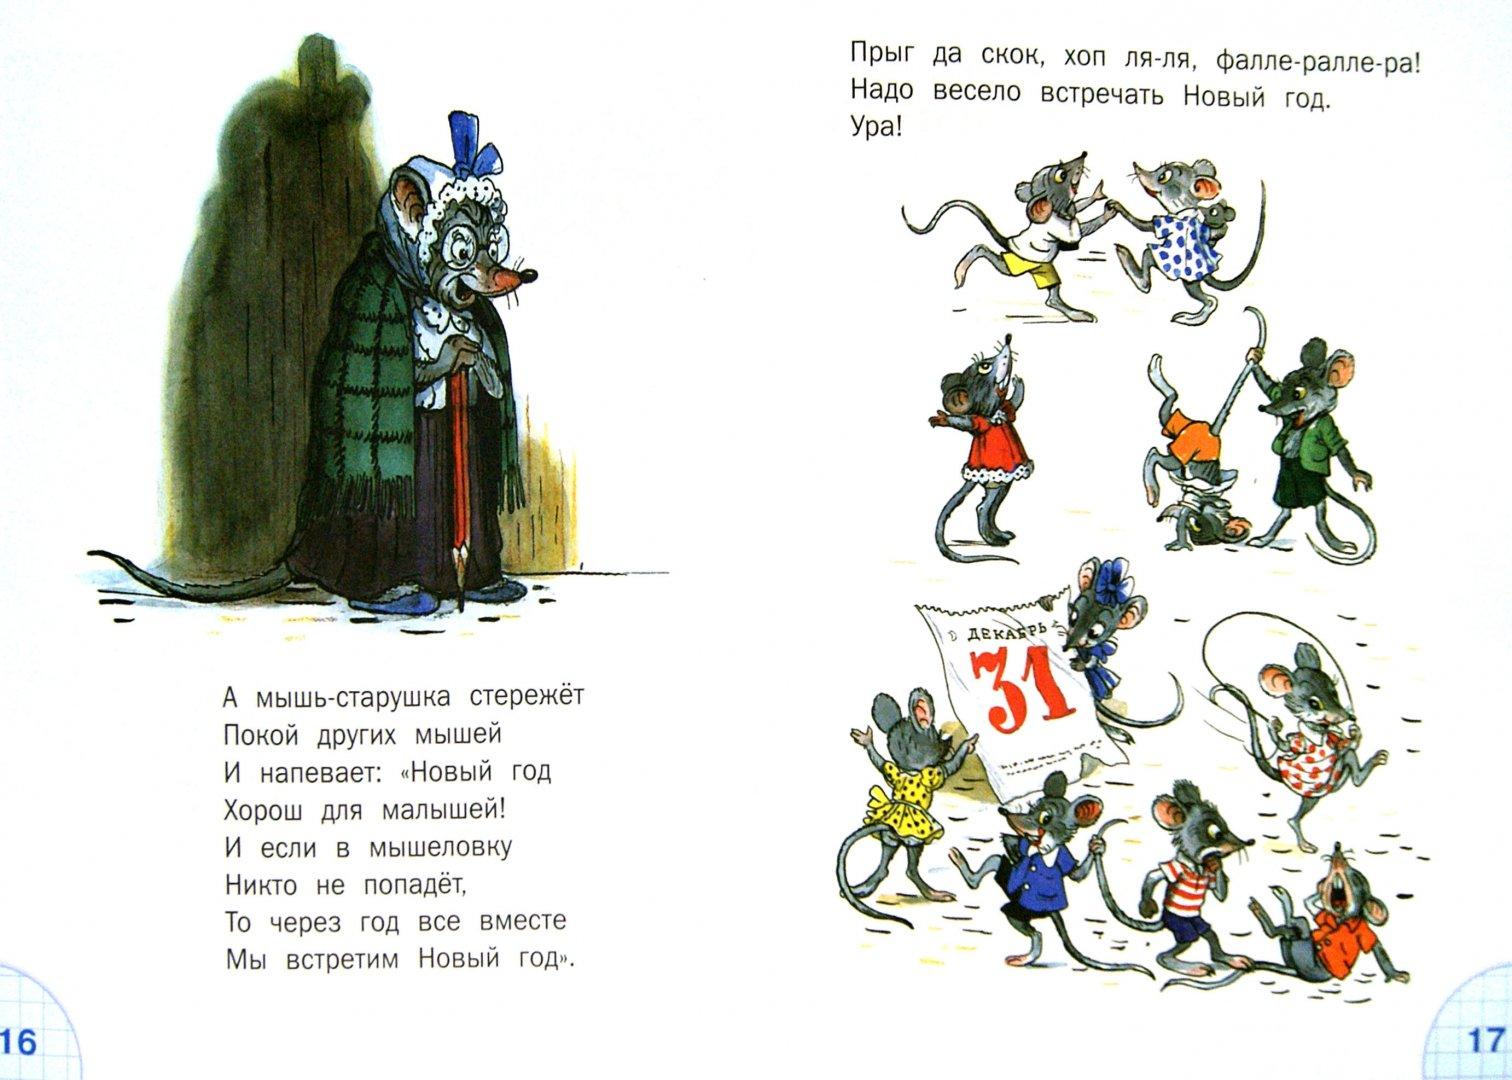 Иллюстрация 1 из 41 для Стихи и затеи к Новому году - Михалков, Прейсн, Мурадян   Лабиринт - книги. Источник: Лабиринт